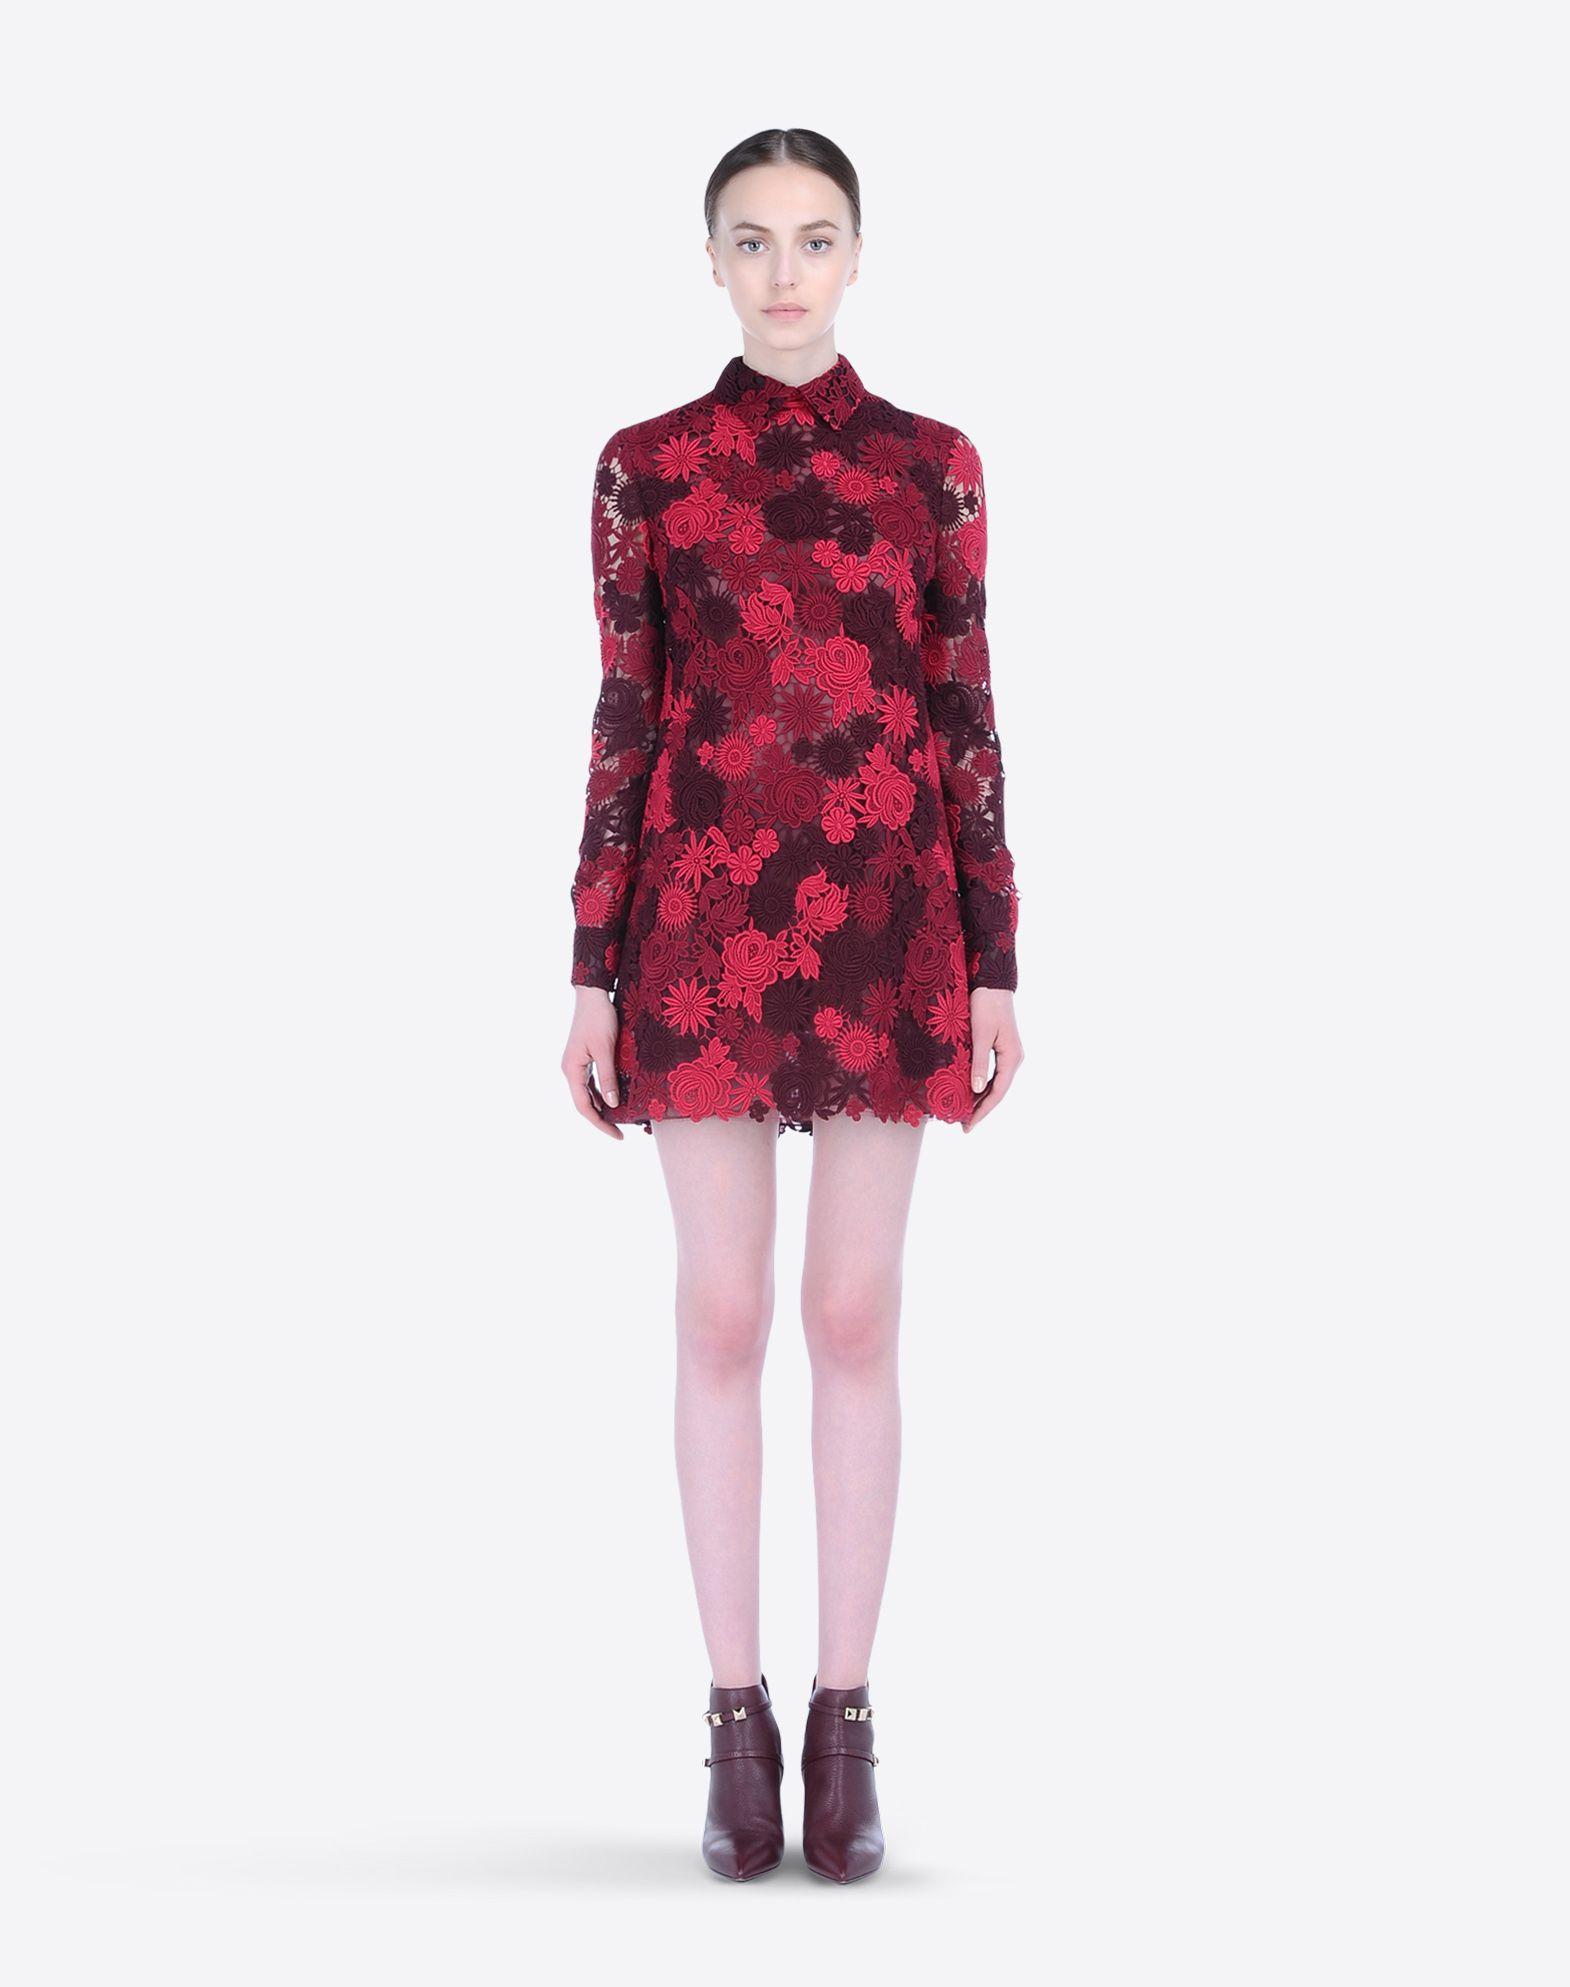 valentino scarlet dress in macram kleider f r sie valentino online shop. Black Bedroom Furniture Sets. Home Design Ideas